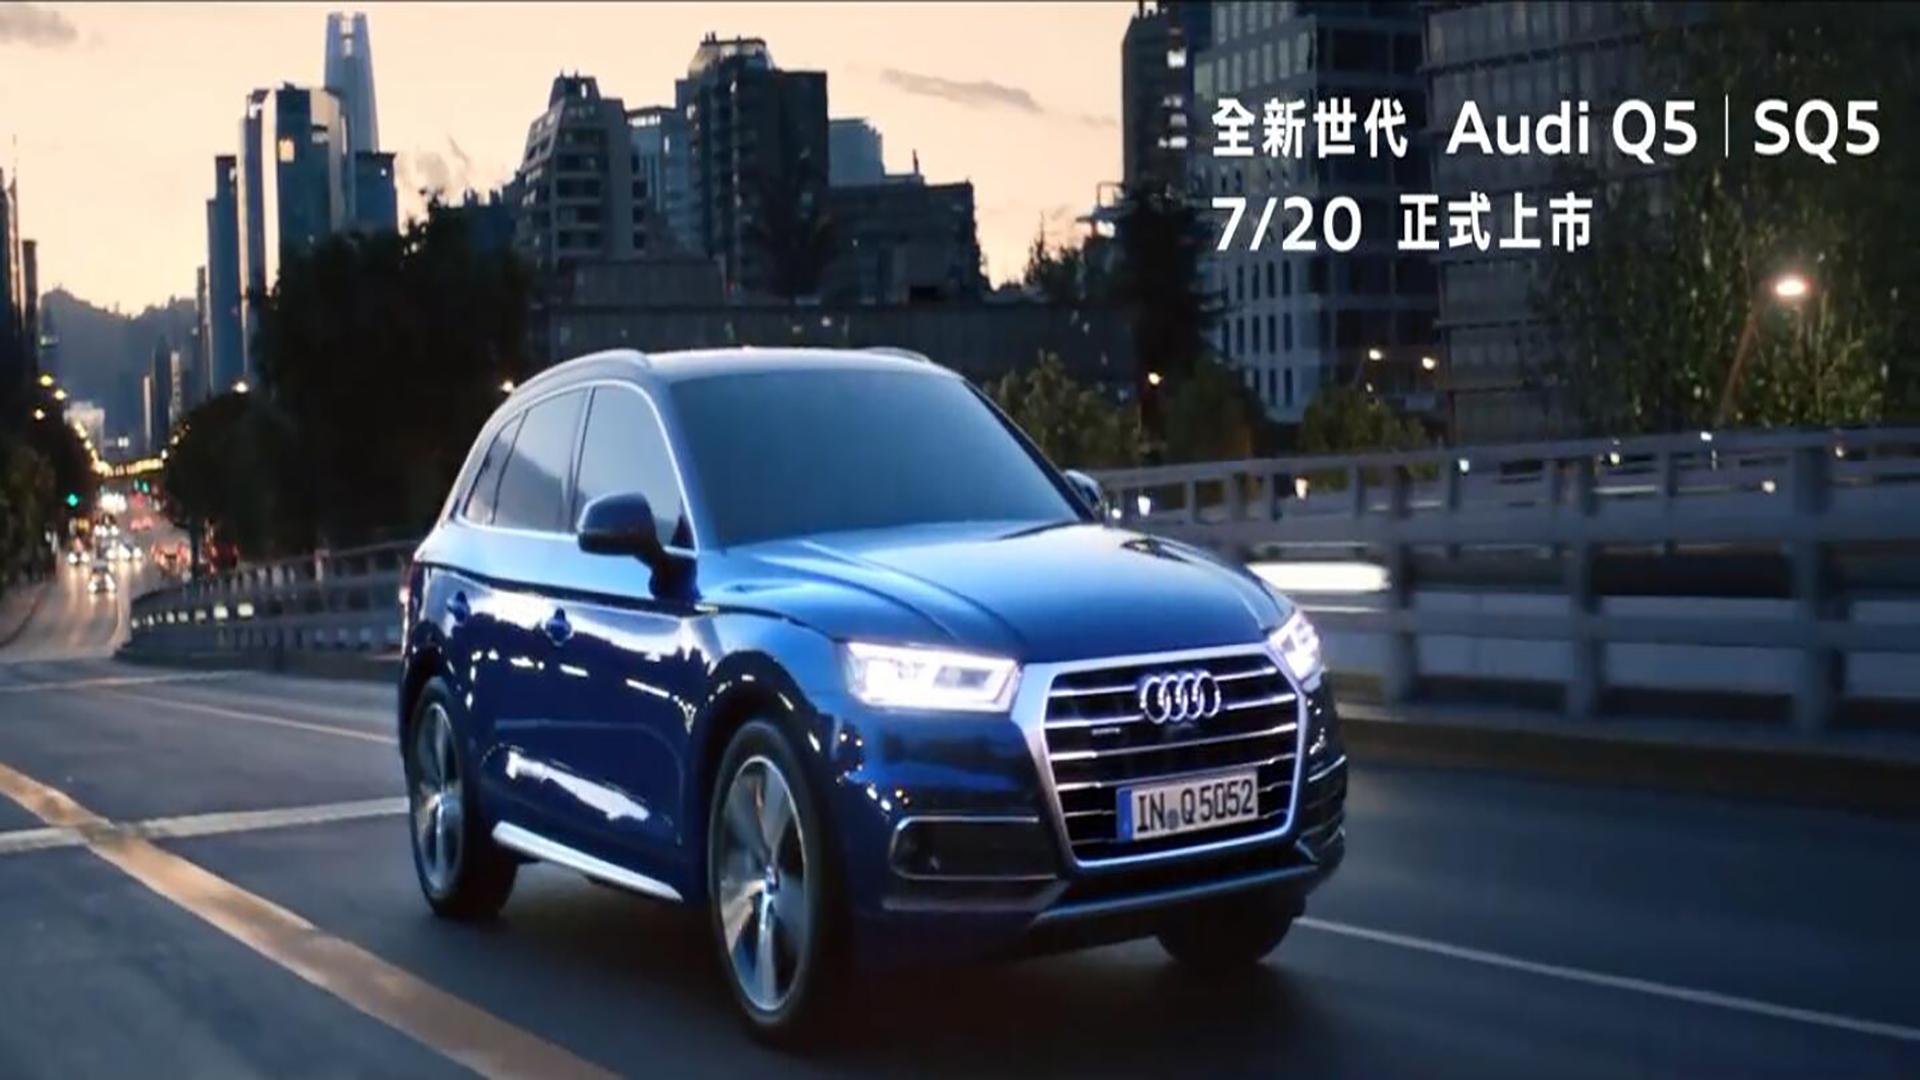 奥迪Audi Q5《你的电话》广告